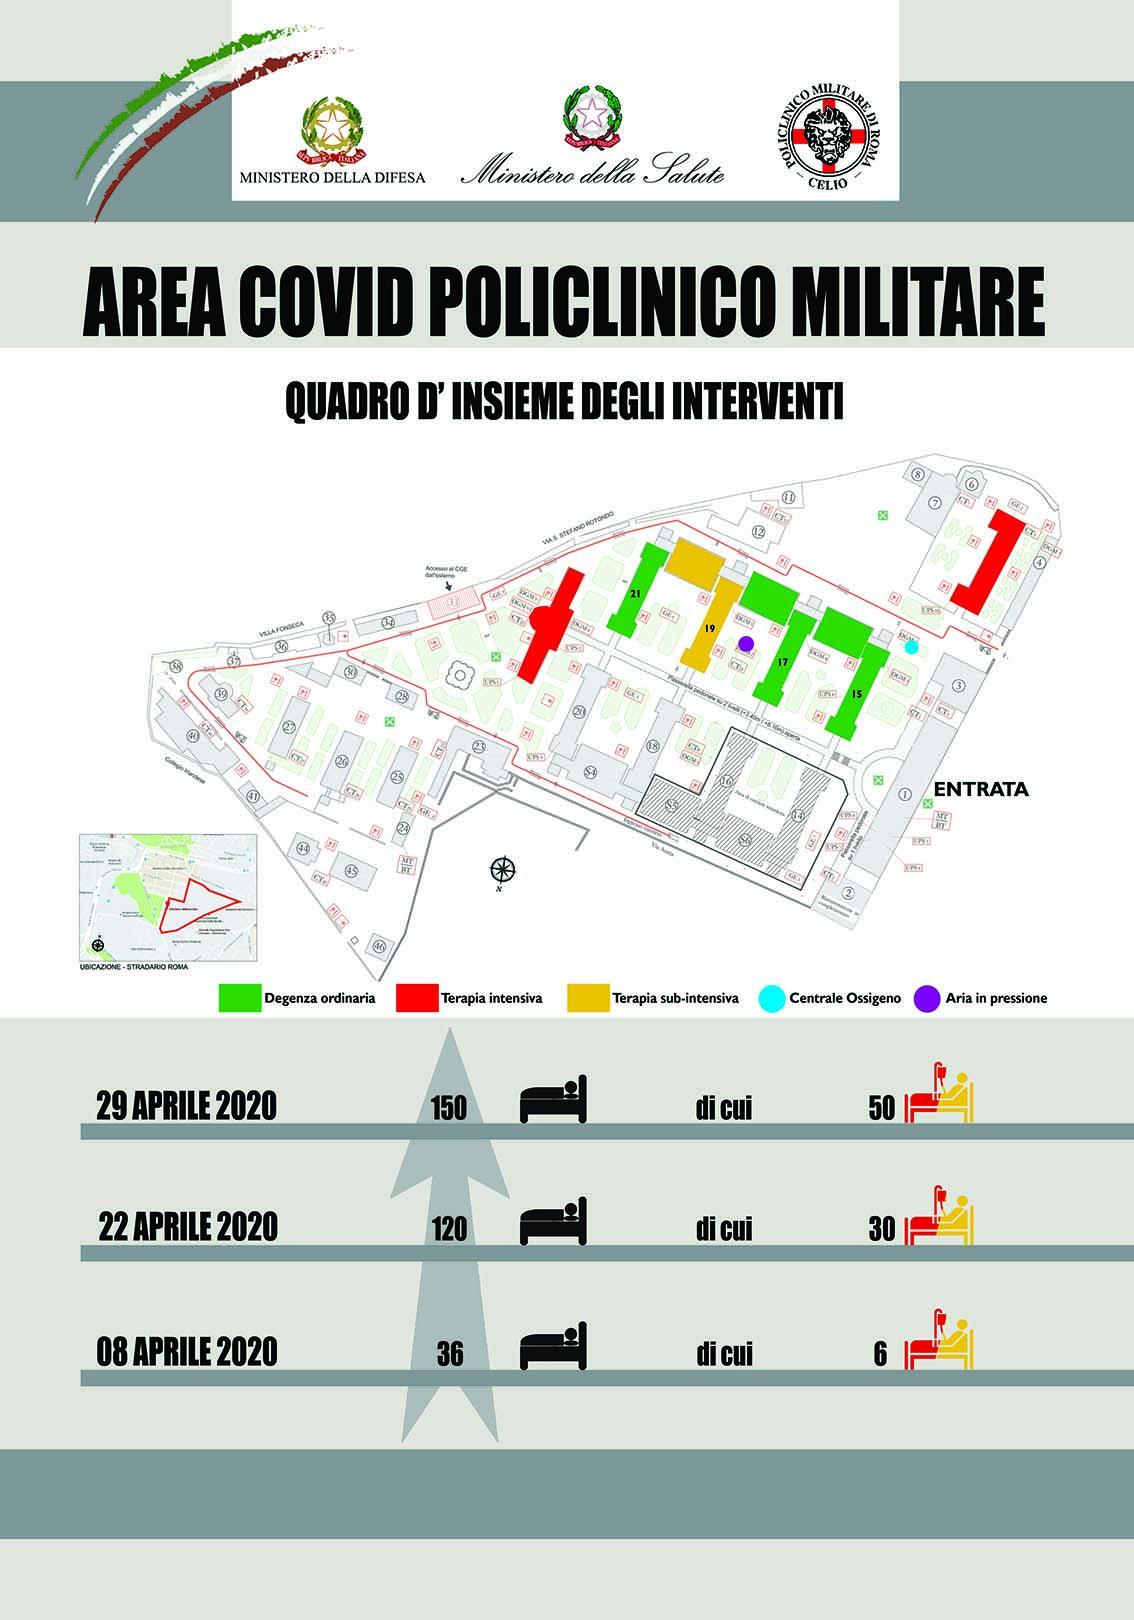 Ospedale Militare CELIO